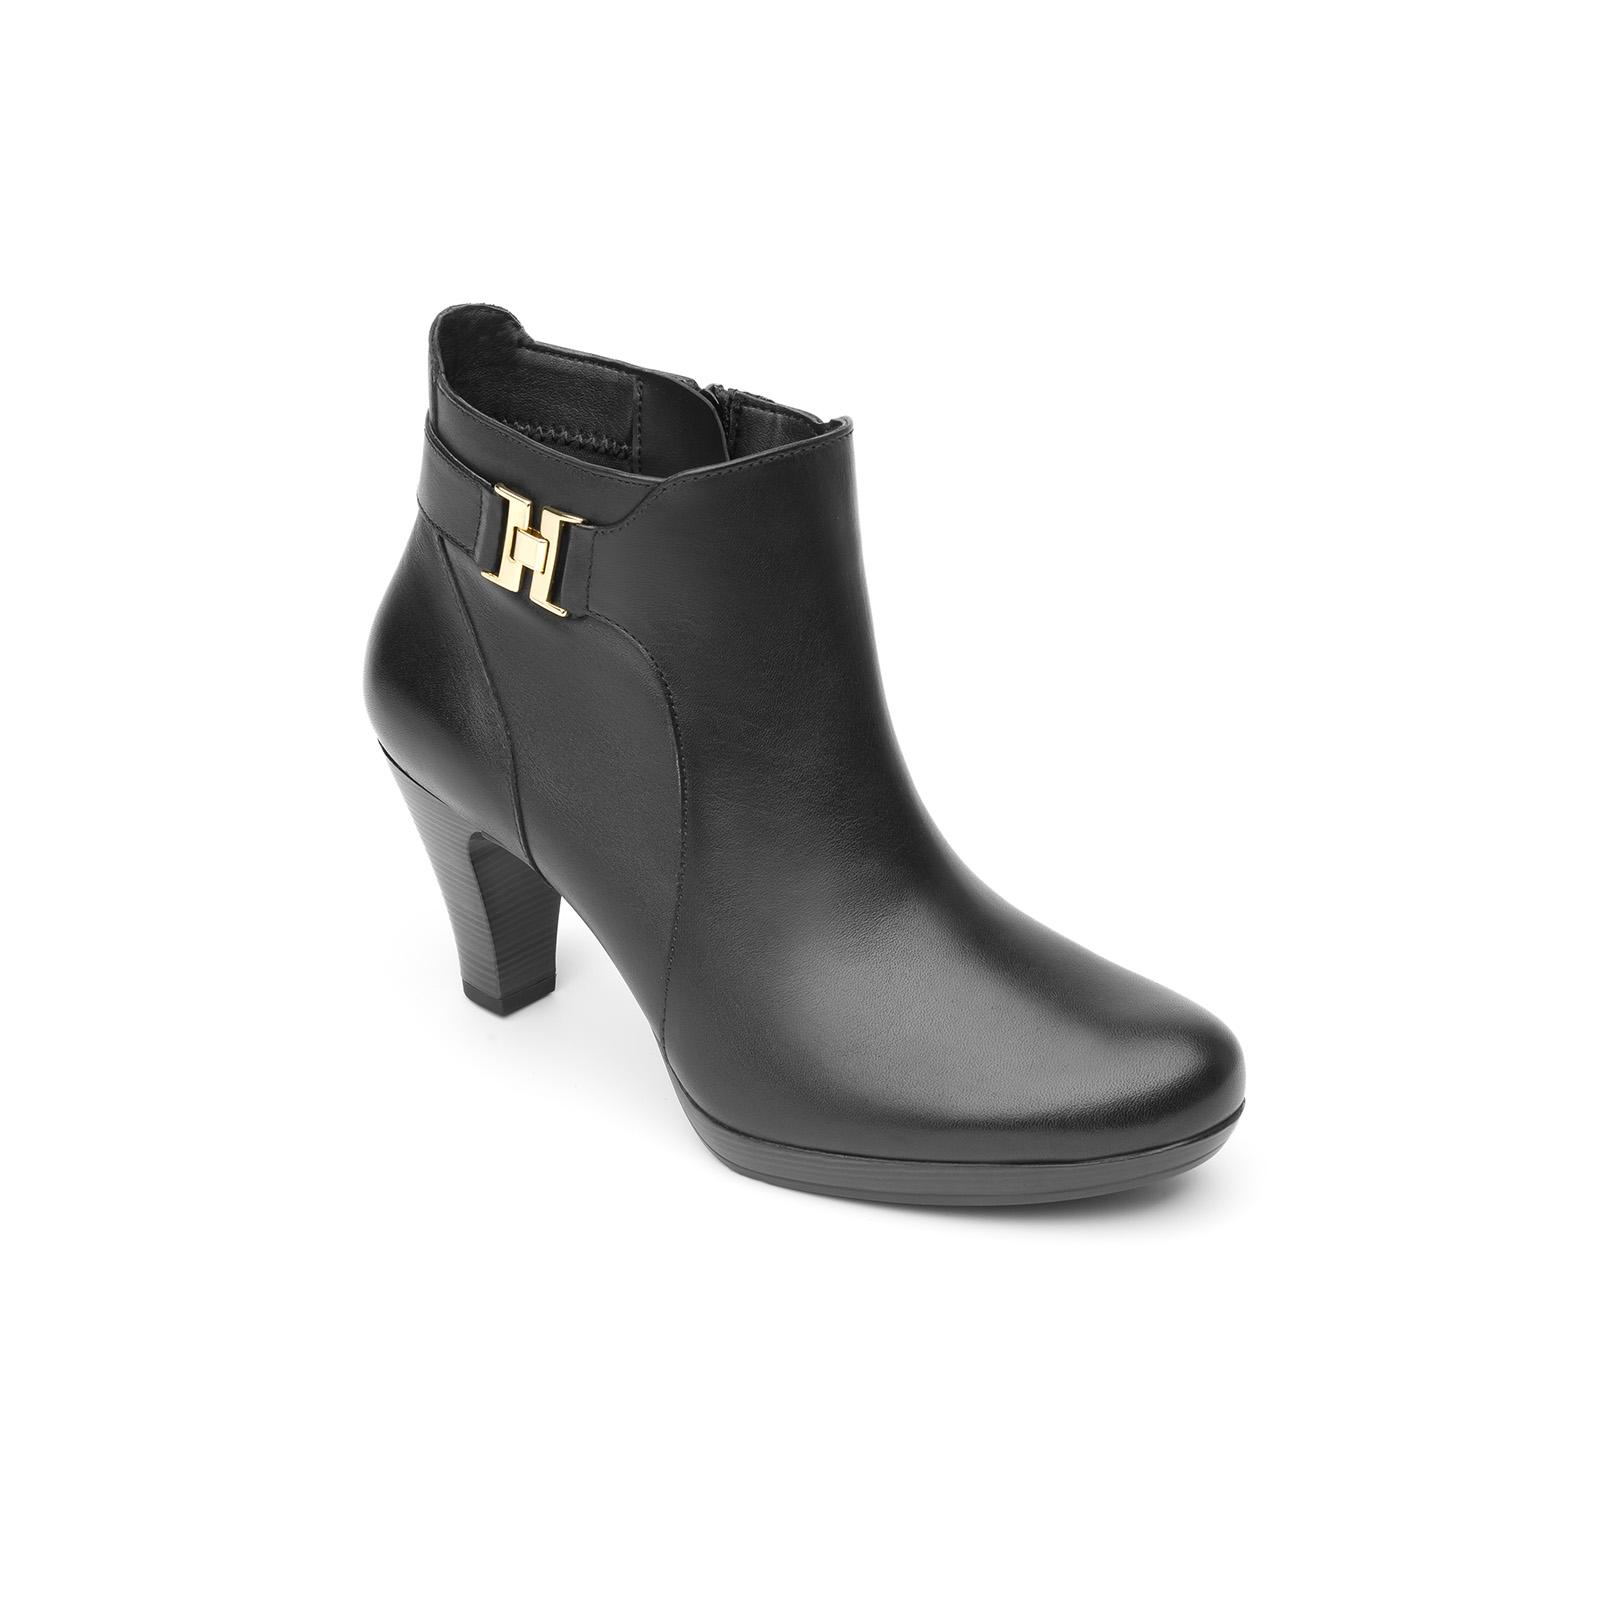 Botas para Dama Flexi al mejor precio - Zapatos Flexi México 3846a6598f8